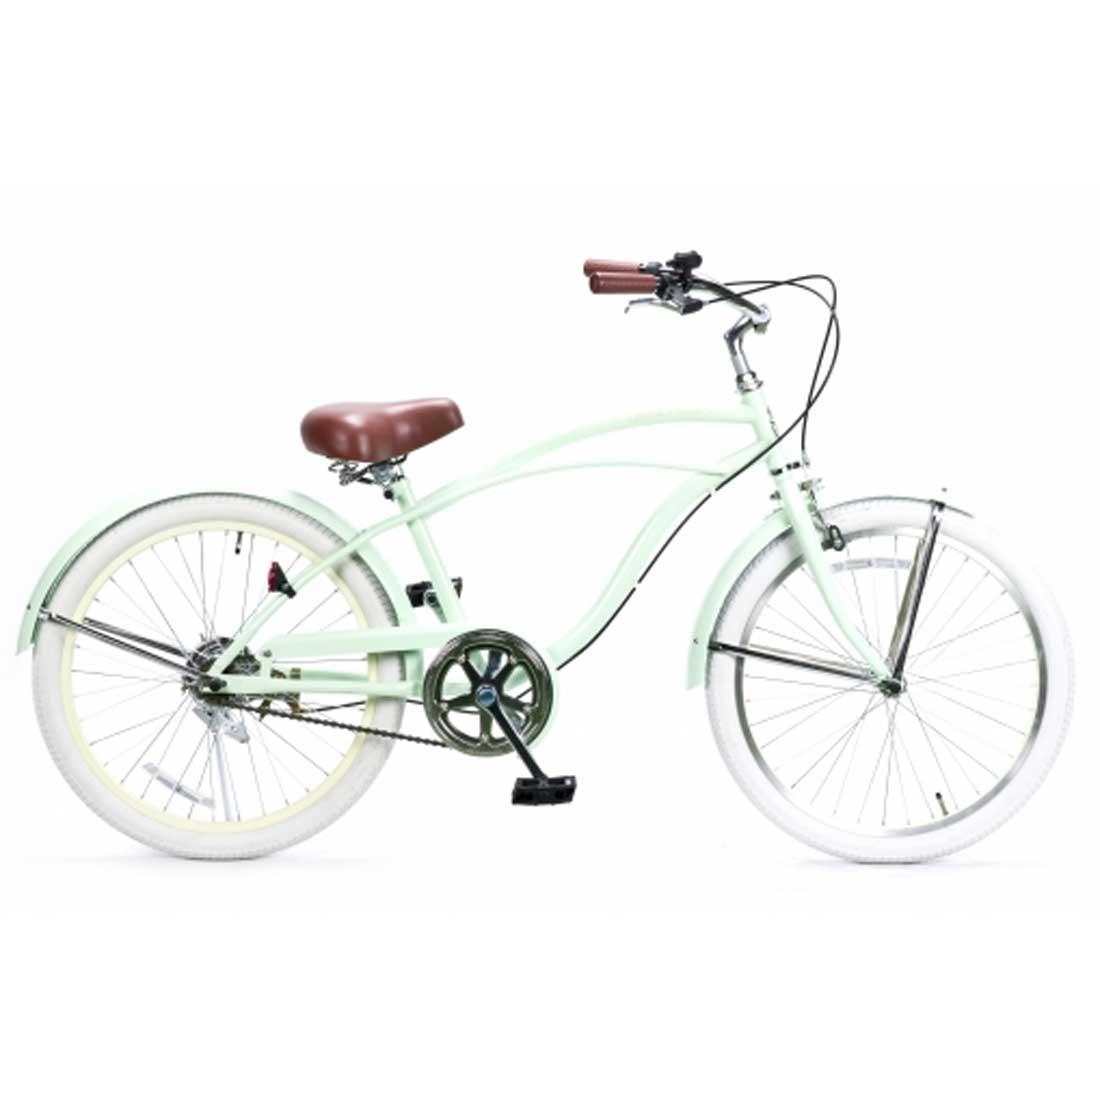 子供用自転車 22インチ ビーチクルーザー おしゃれ 自転車 ジュニア 小学生 レインボー Feelling of decks FOD-22